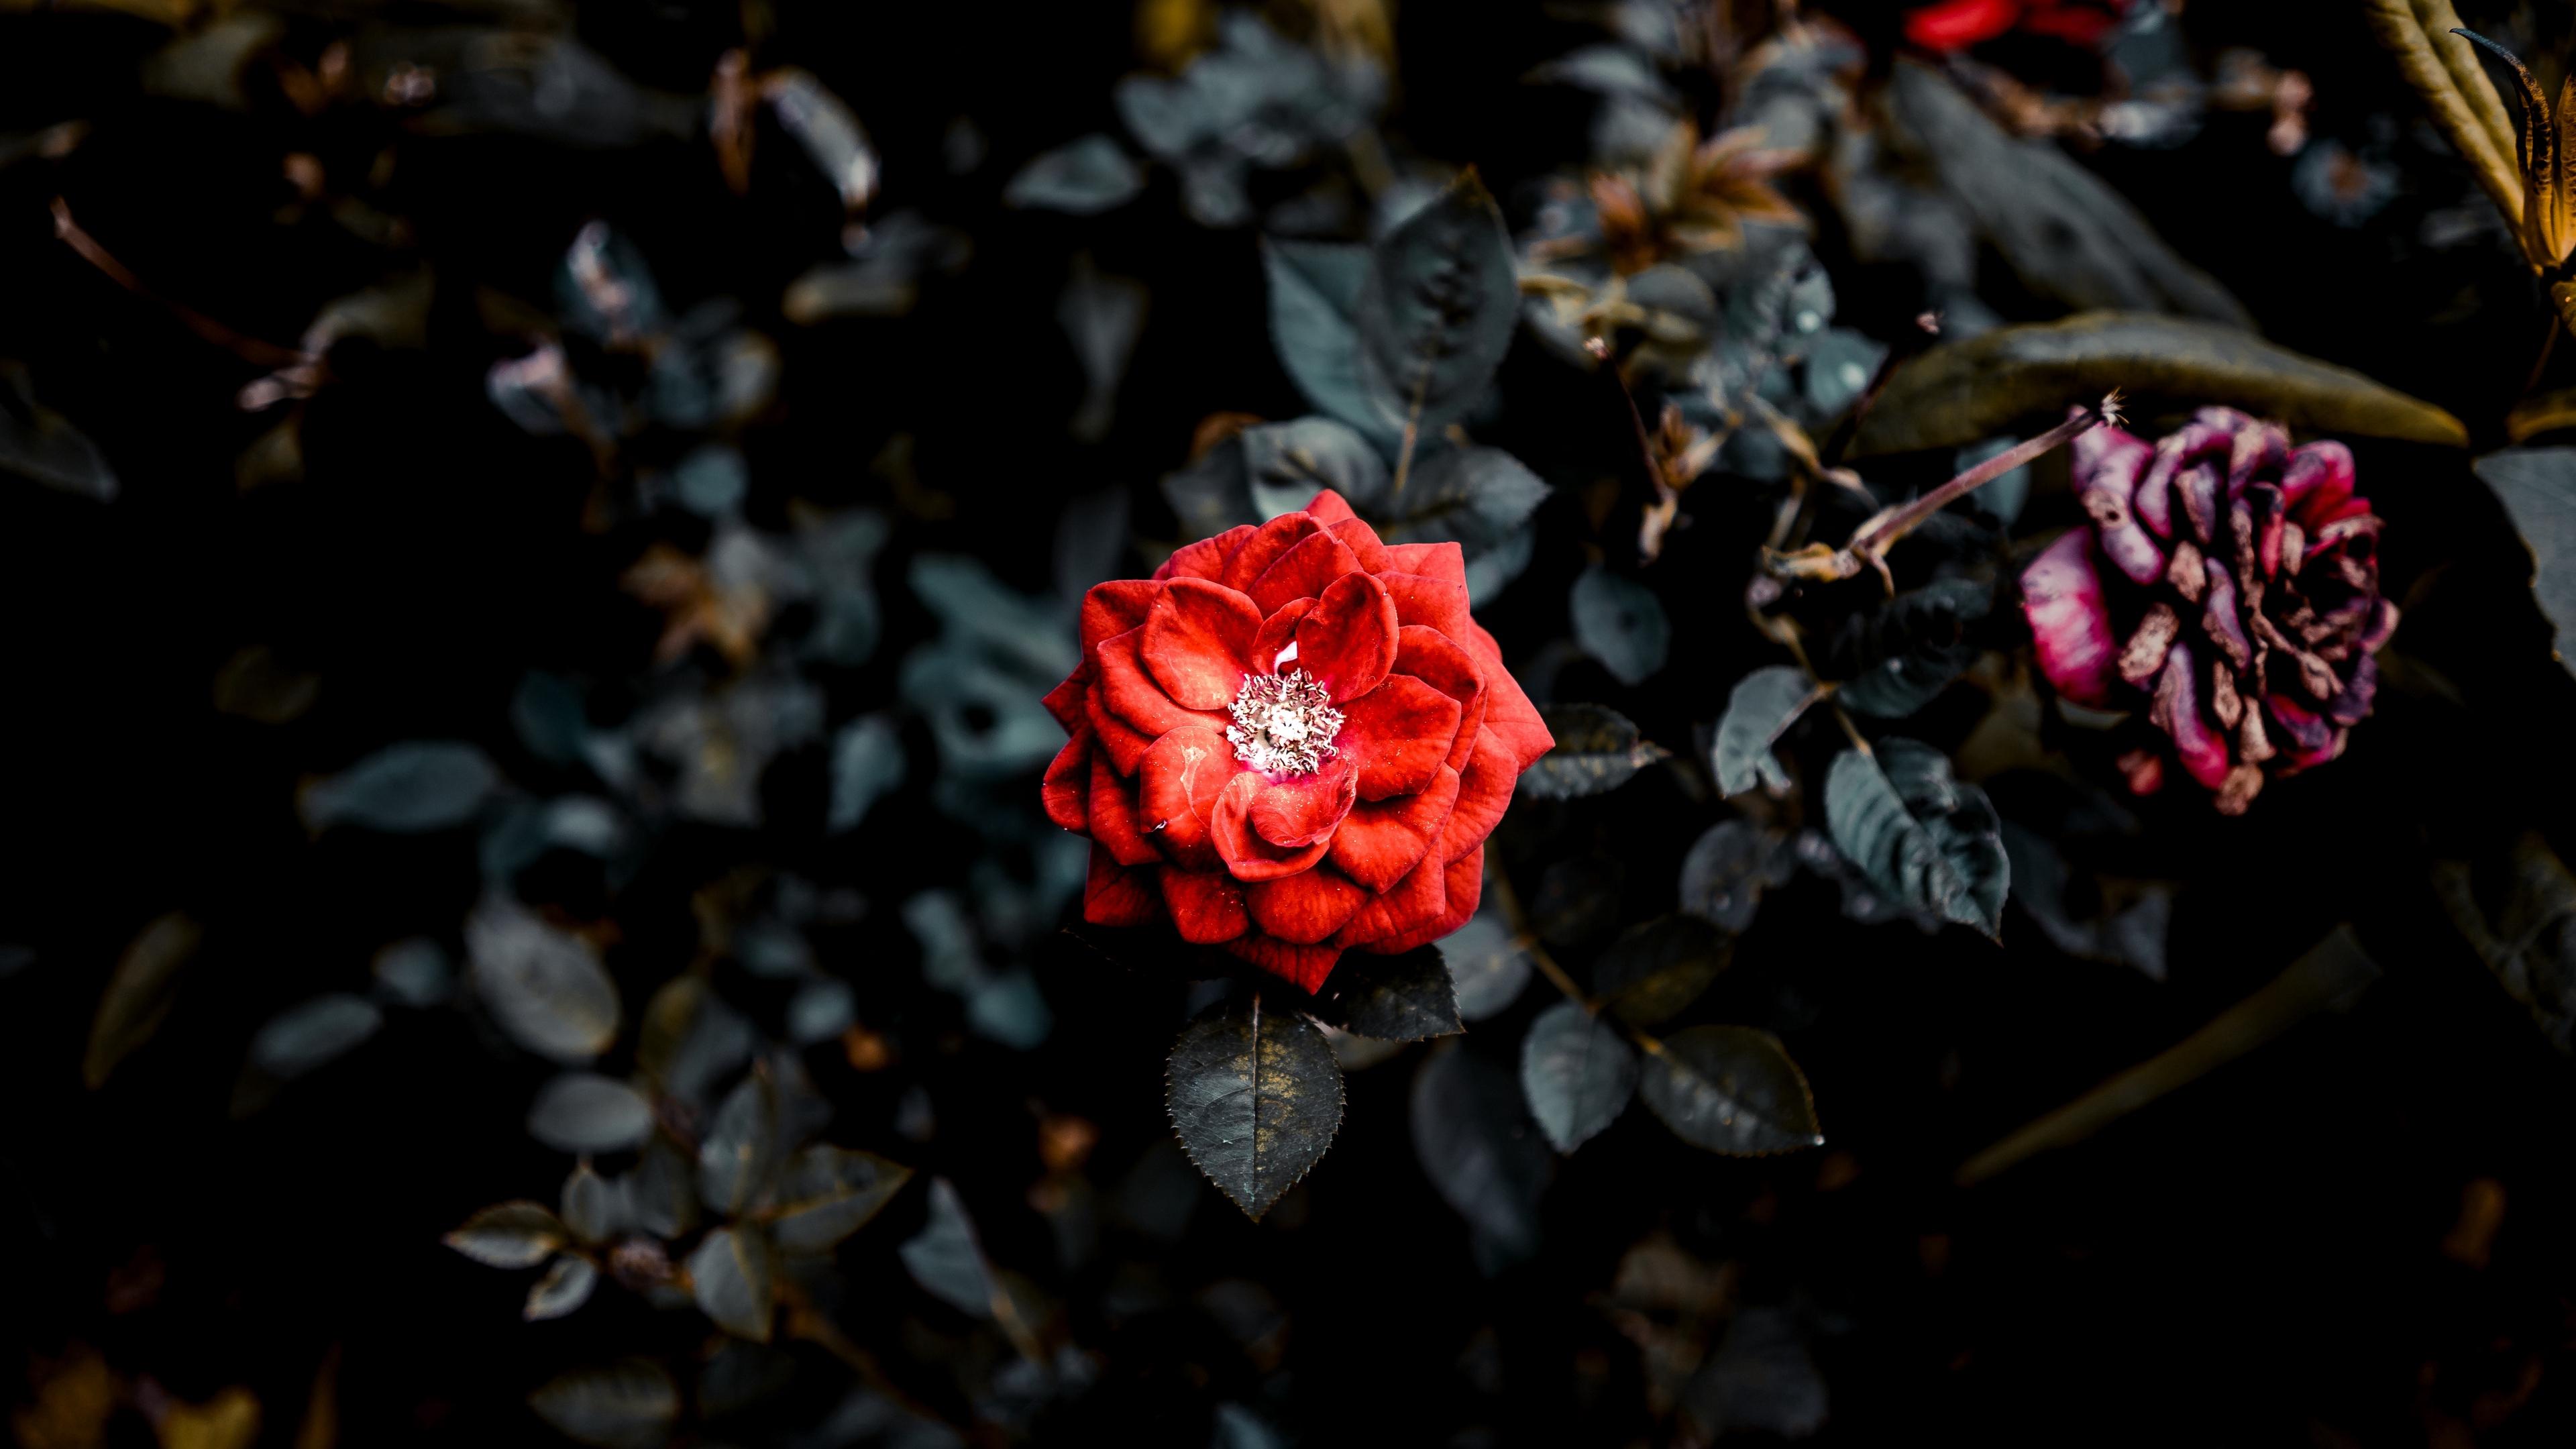 rose red bud bush garden 4k 1540064901 - rose, red, bud, bush, garden 4k - Rose, red, bud